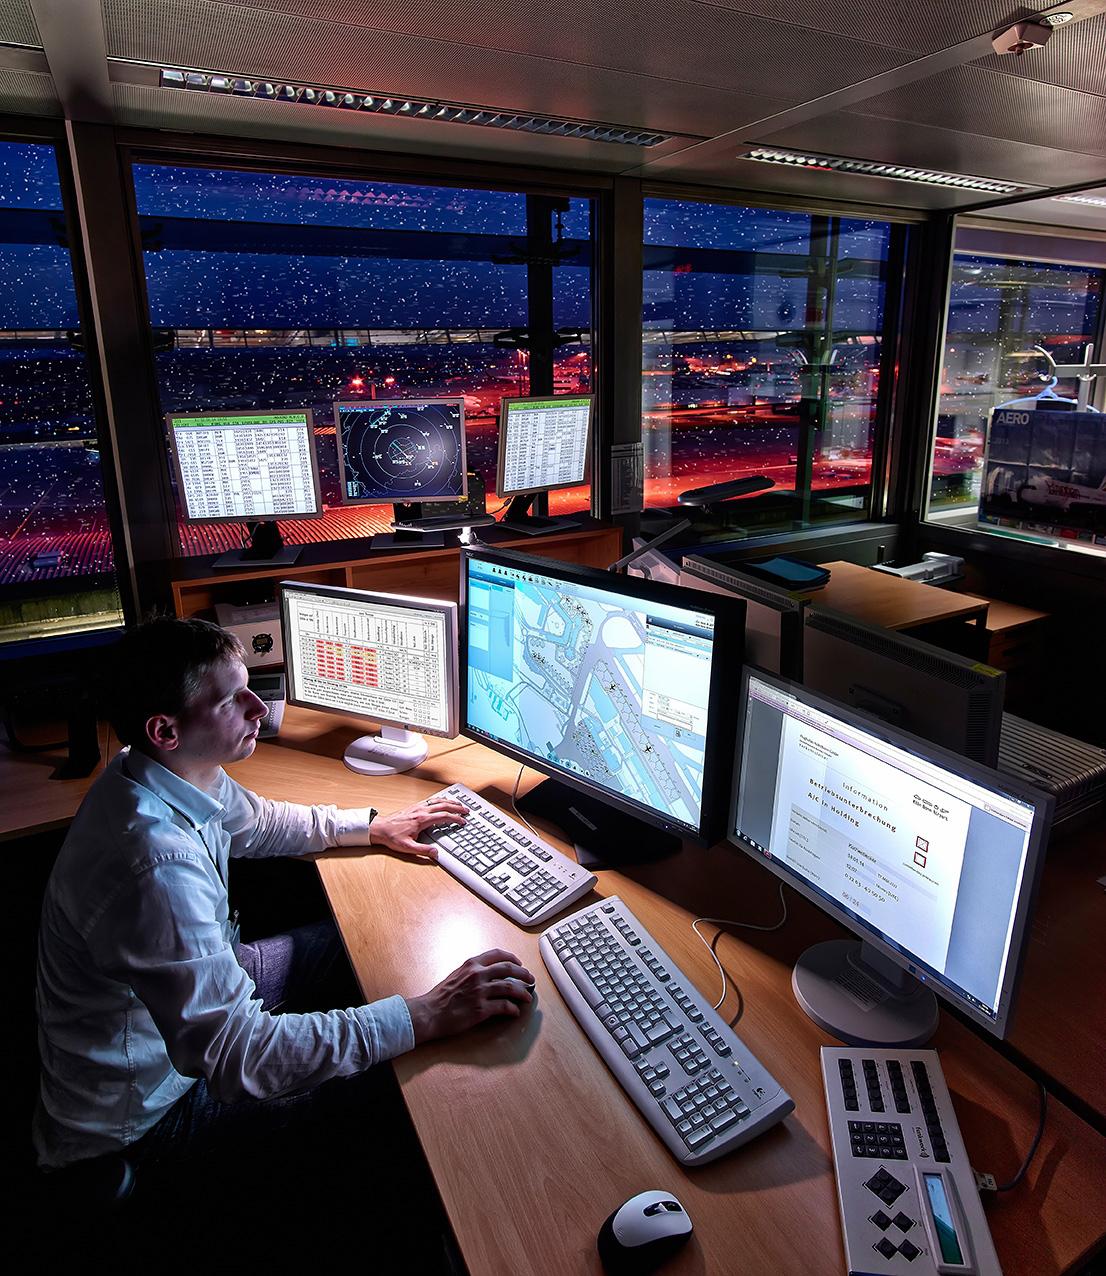 IT-Unterstützung für operative Flughafenprozesse